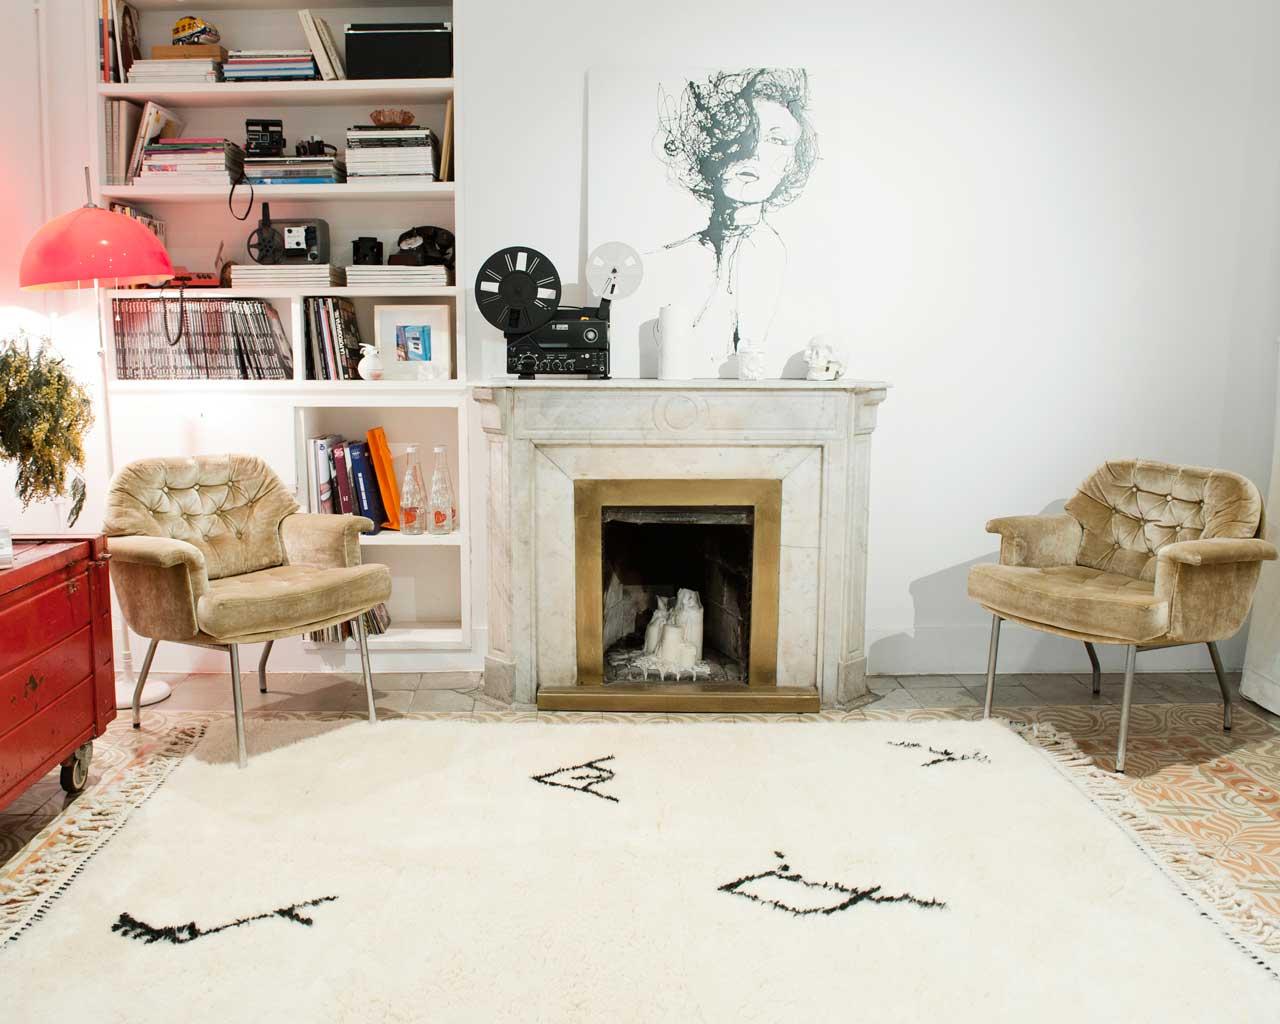 fatti-a-mano-atlante-marocchino-tappeti